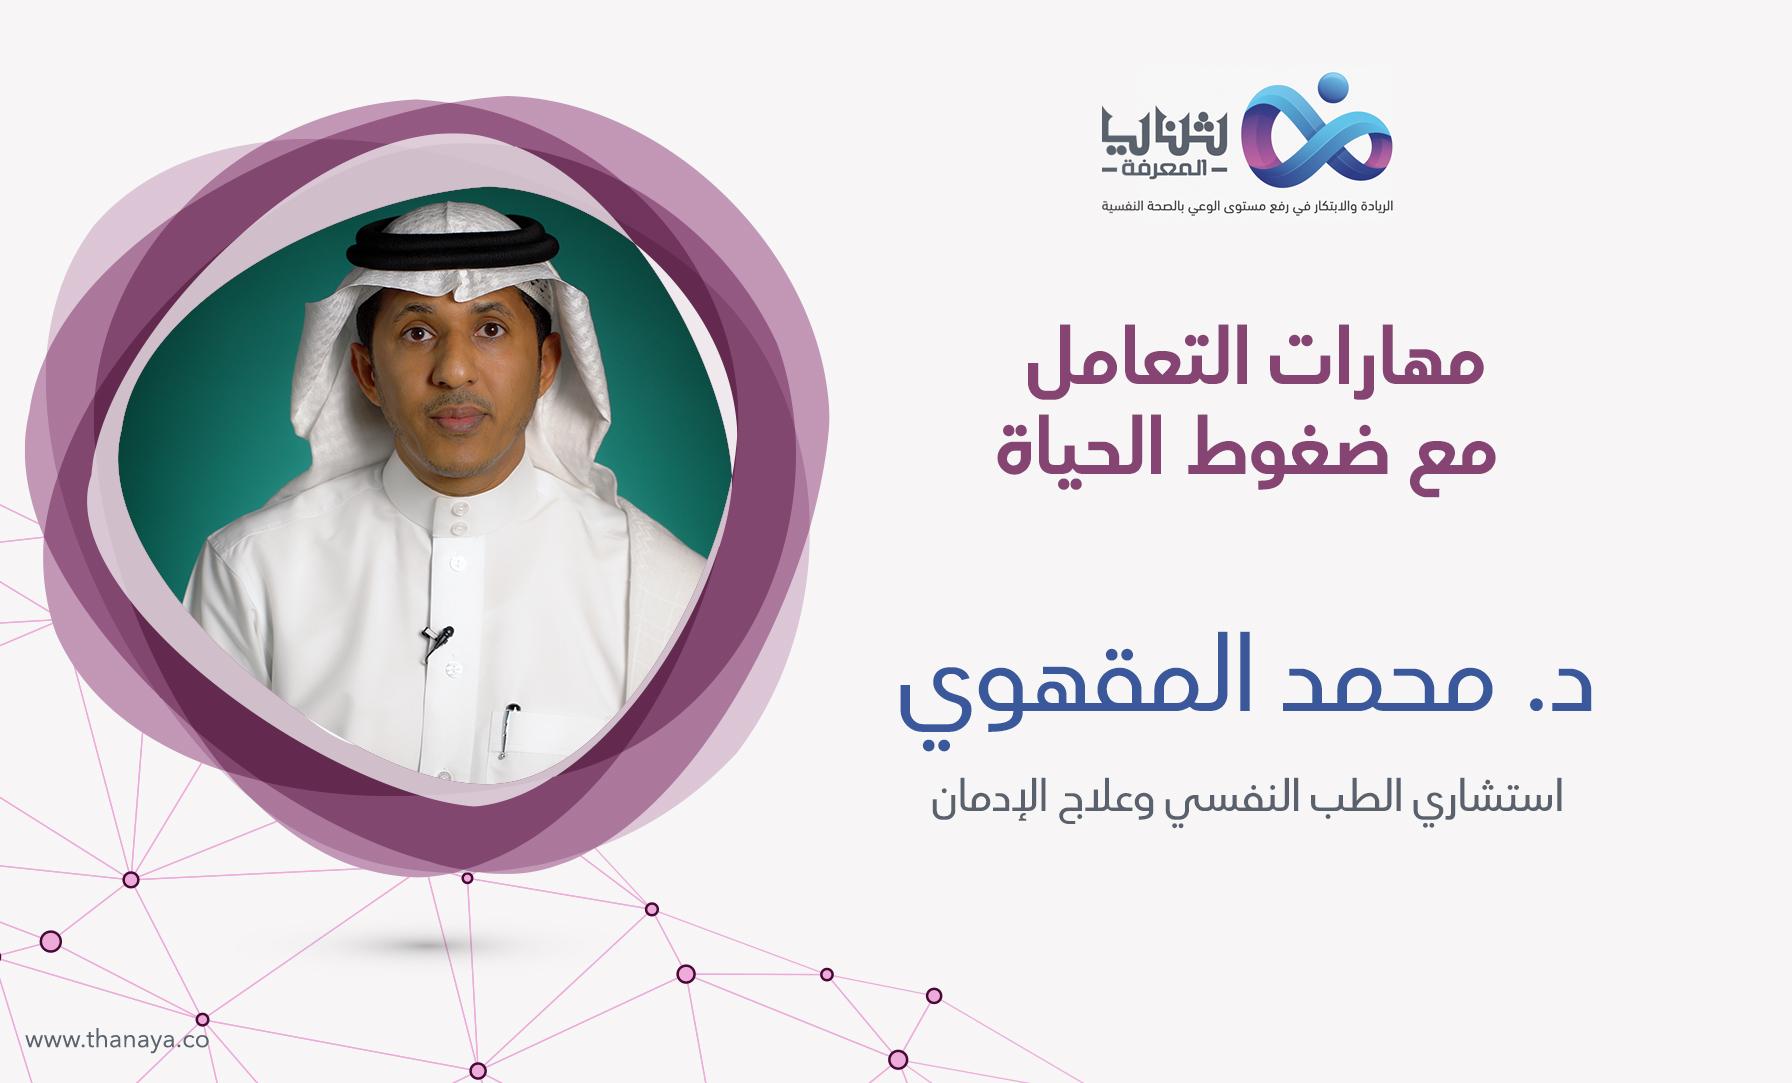 د. محمد المقهوي - مهارات التعامل مع ضغوط الحياة. مع الدكتور/ محمد المقهوي